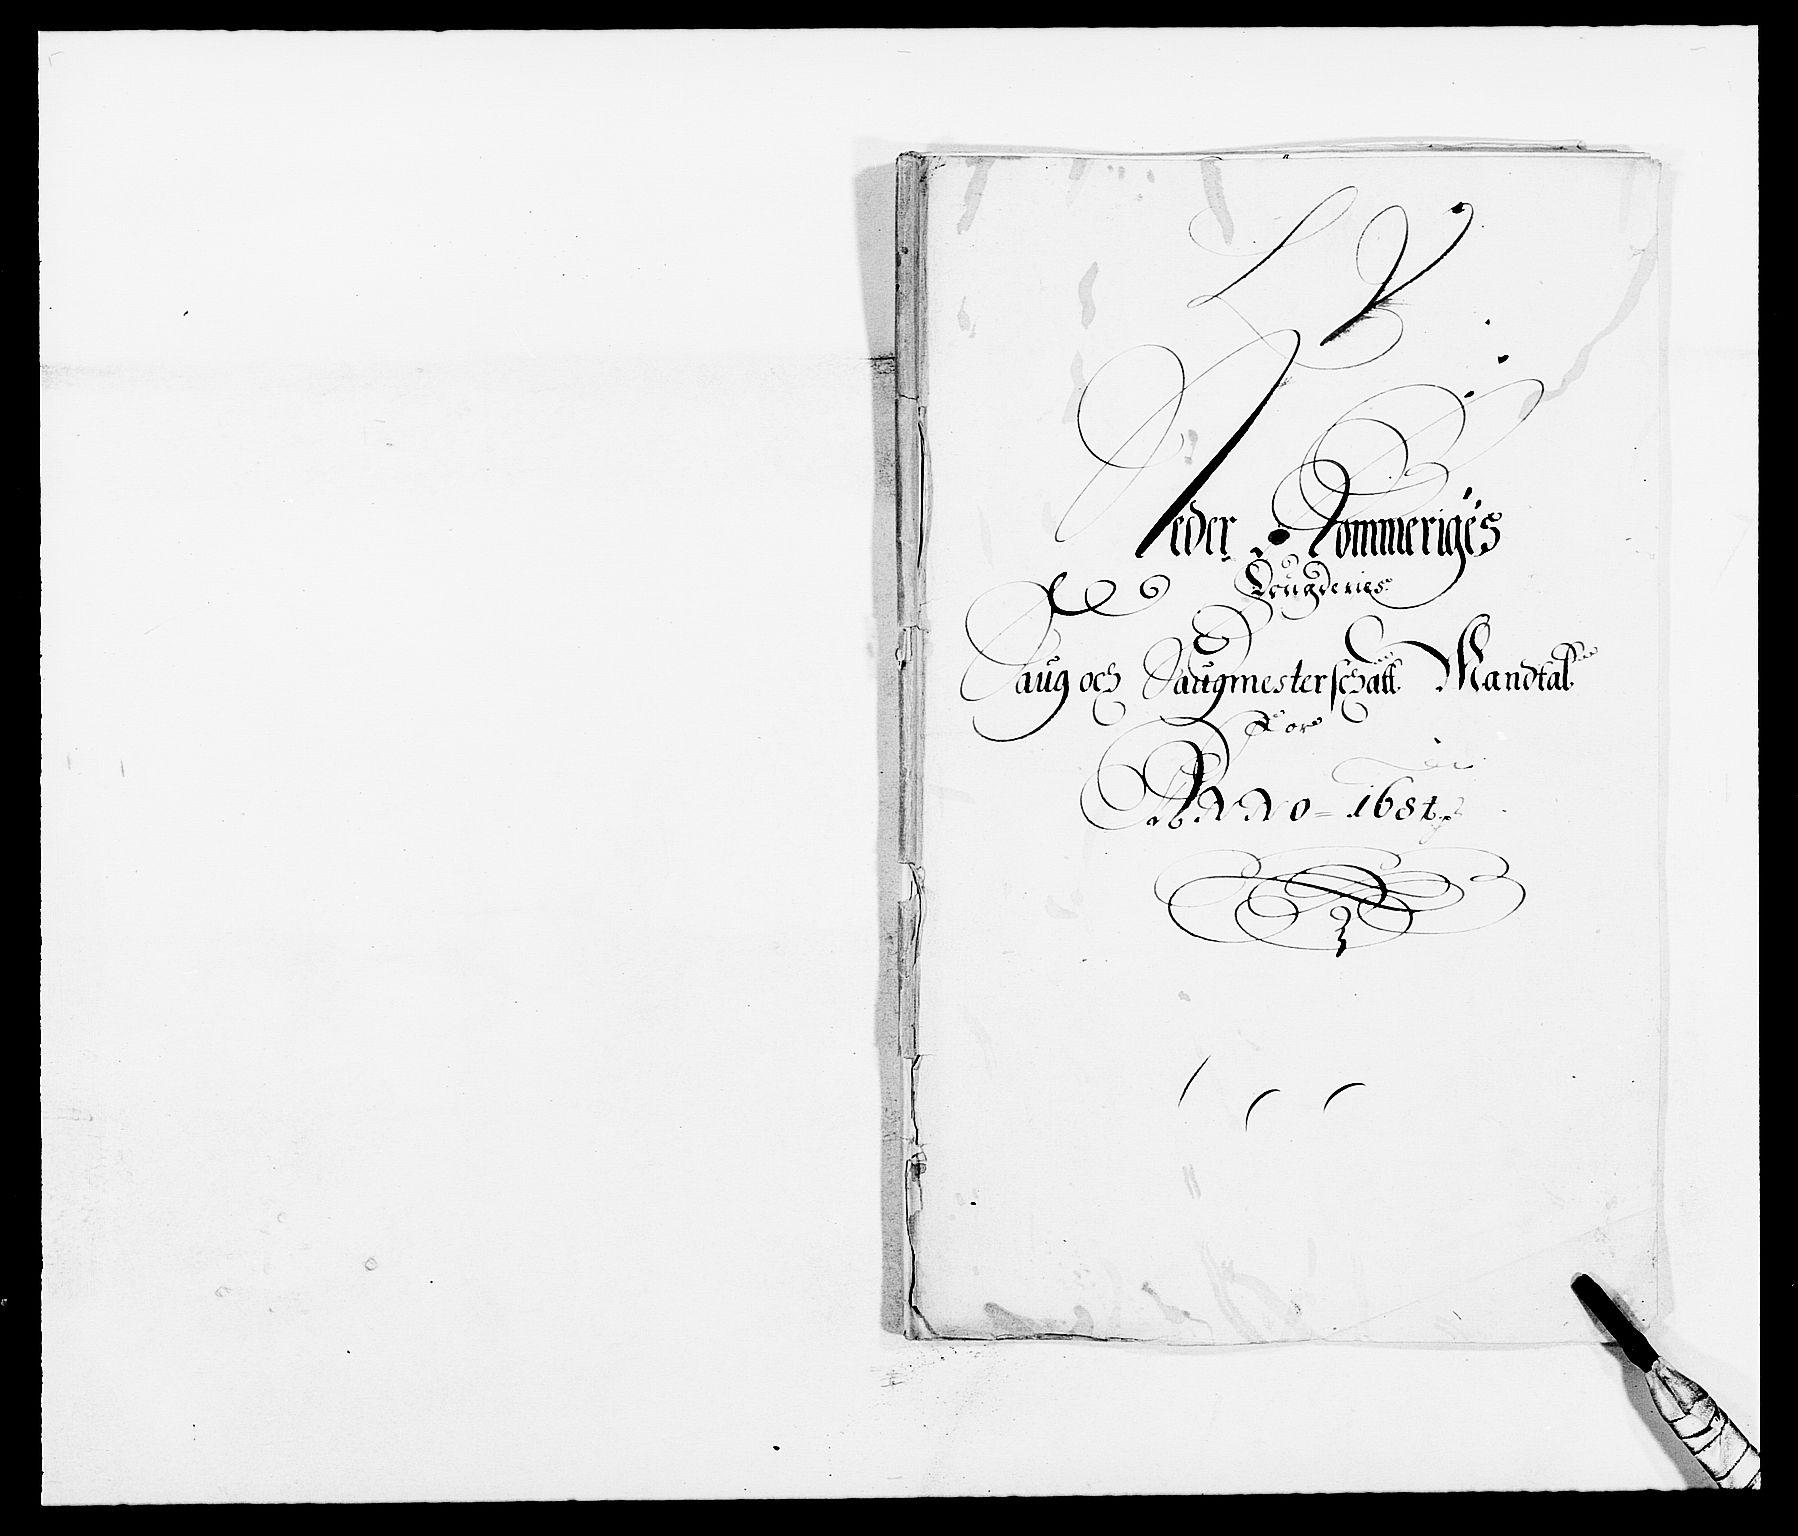 RA, Rentekammeret inntil 1814, Reviderte regnskaper, Fogderegnskap, R11/L0571: Fogderegnskap Nedre Romerike, 1683-1685, s. 223